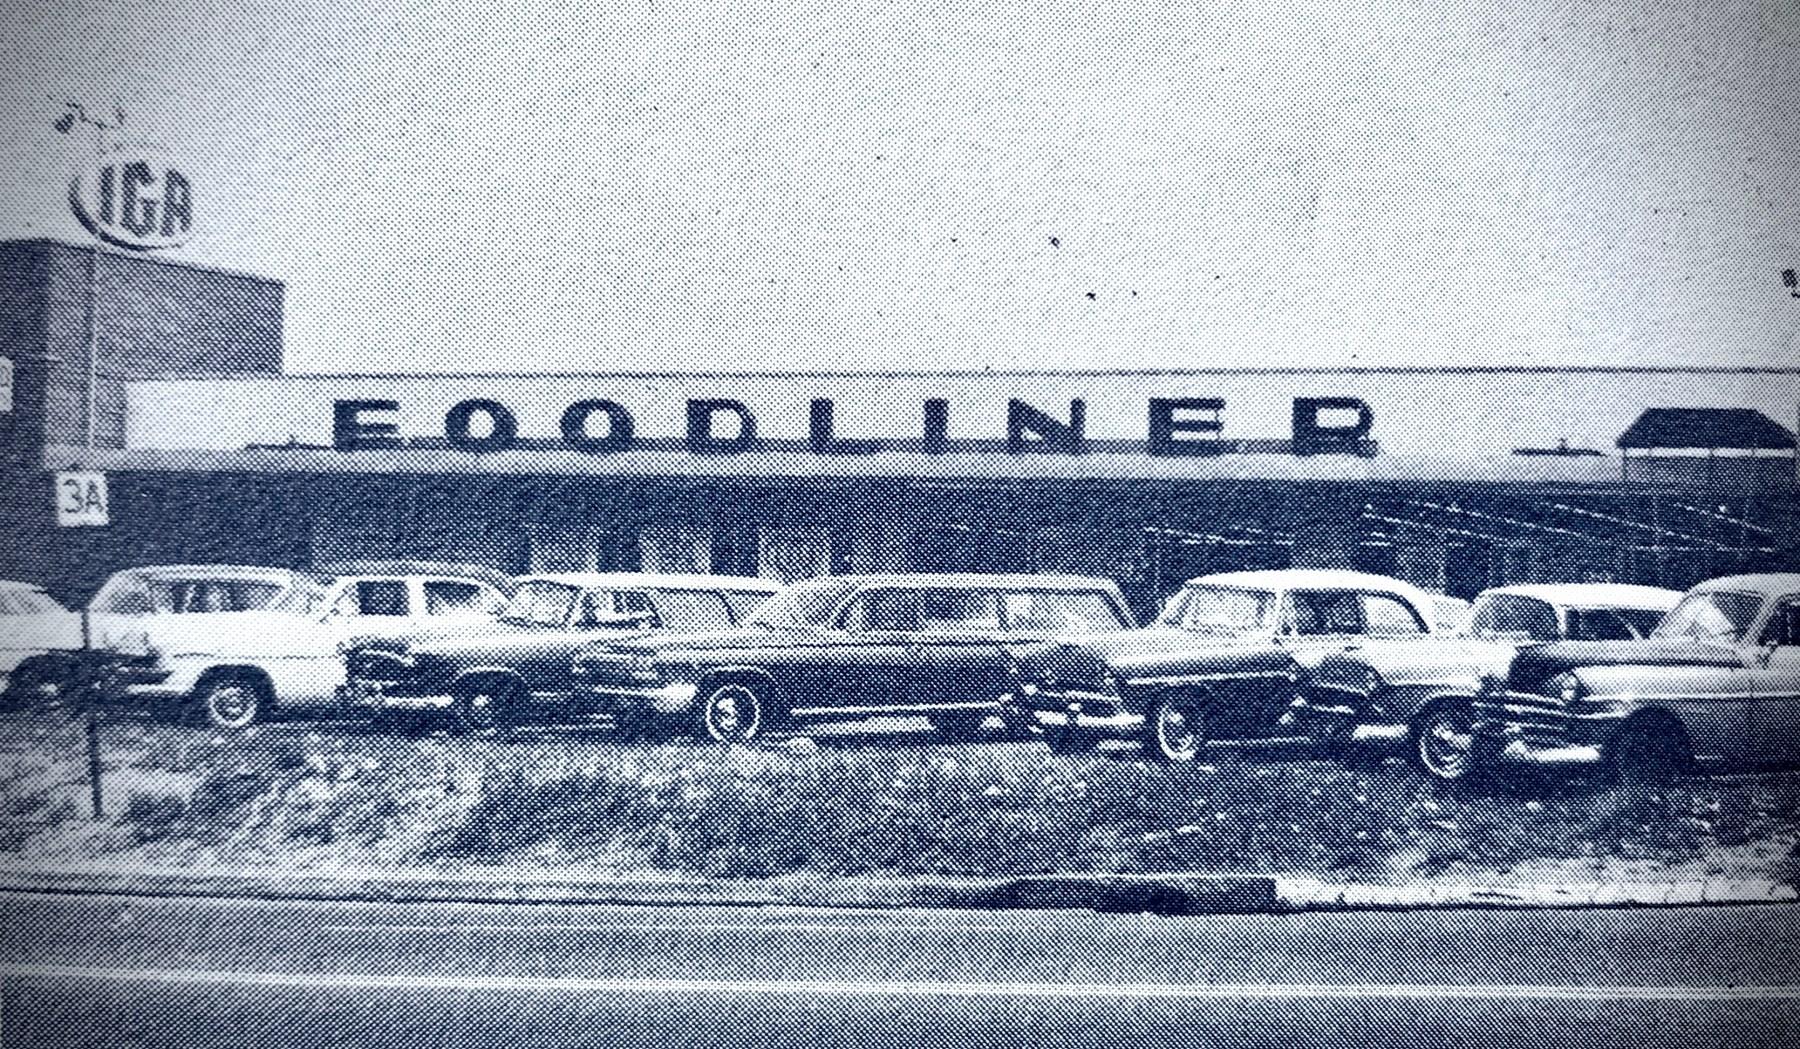 IGA Foodliner mid 1960s Burlington MA